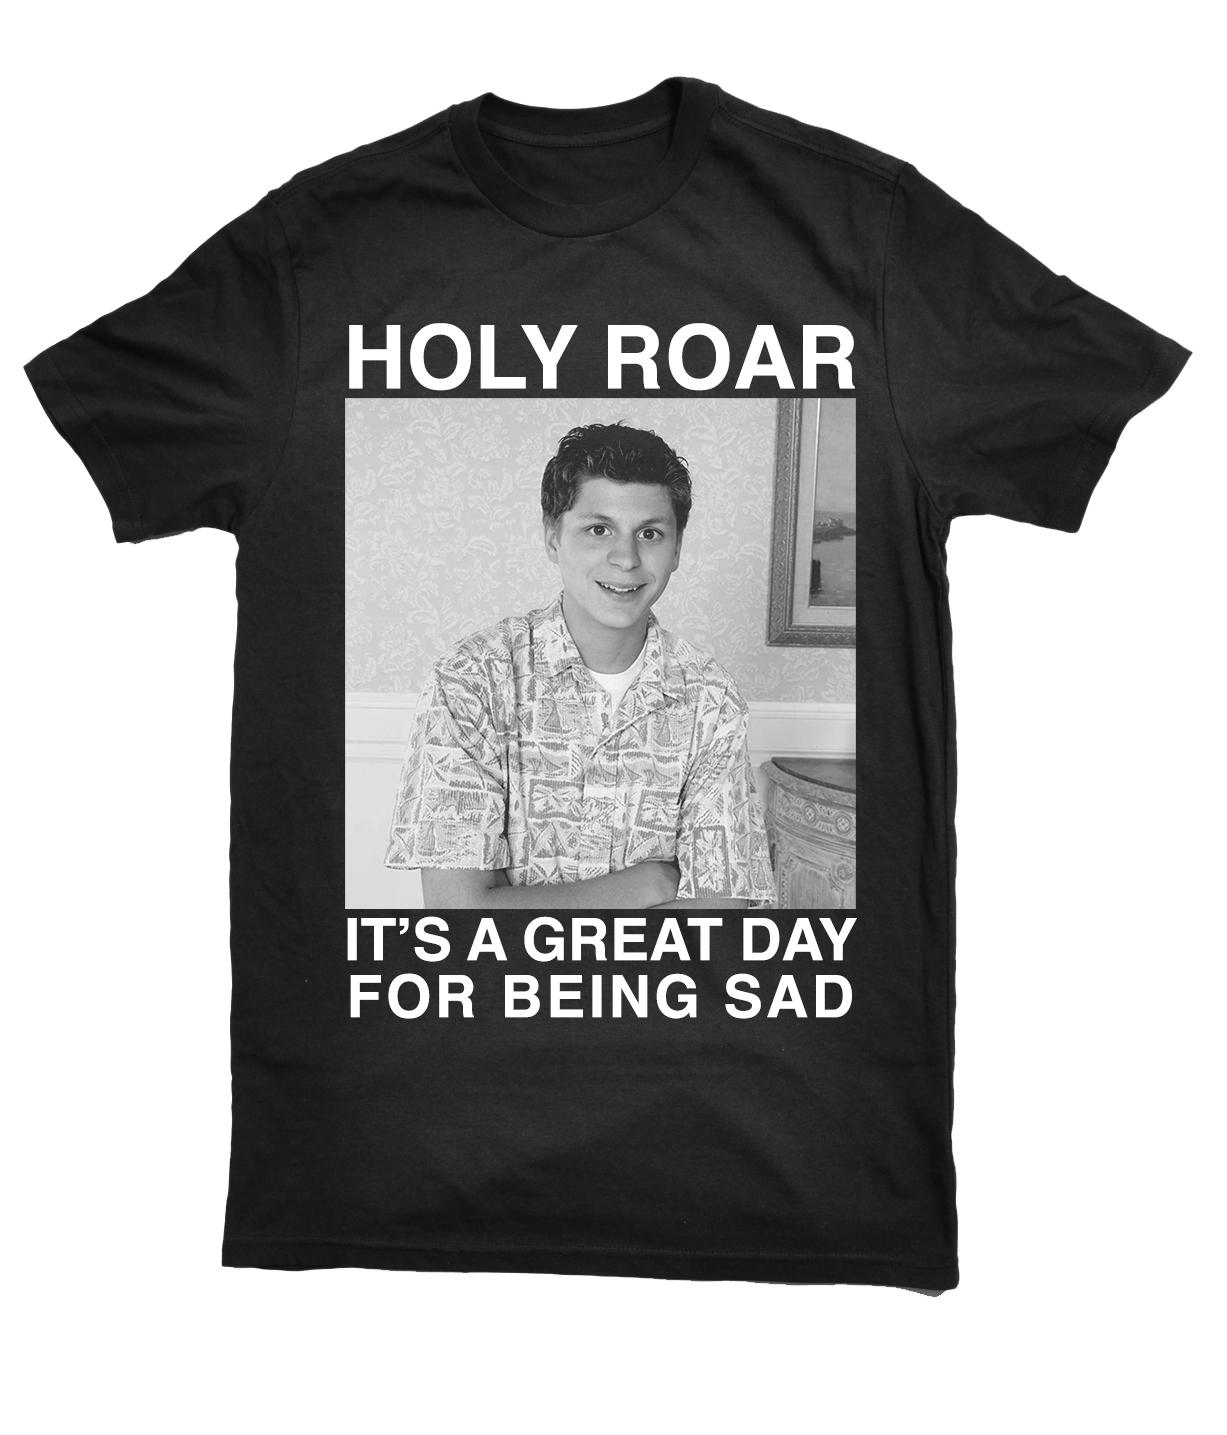 Holy Roar x the optimist PREORDER